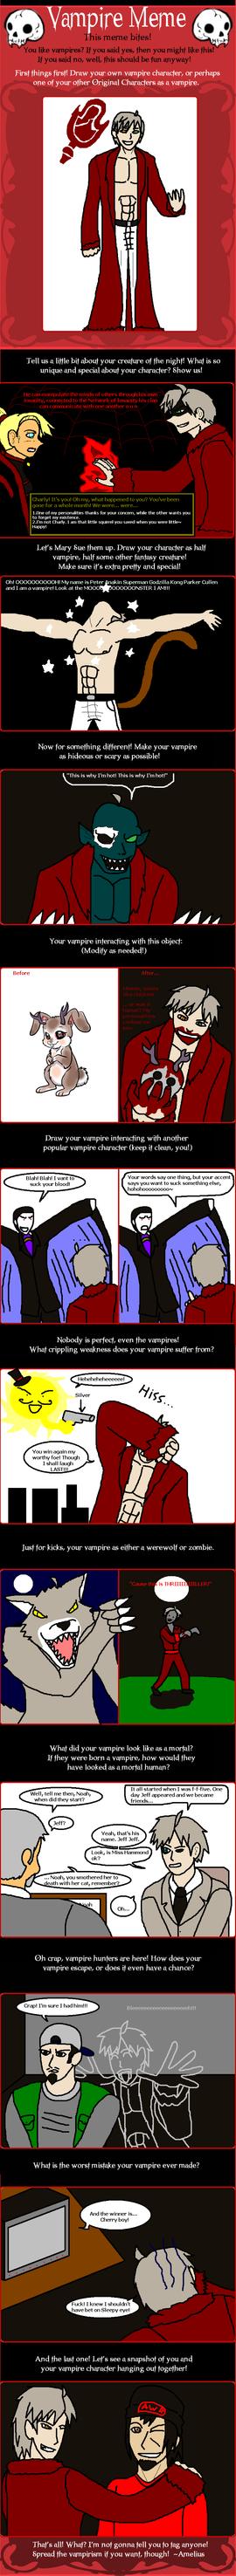 Vampire meme - Noah by Kaiju-Borru-Zetto